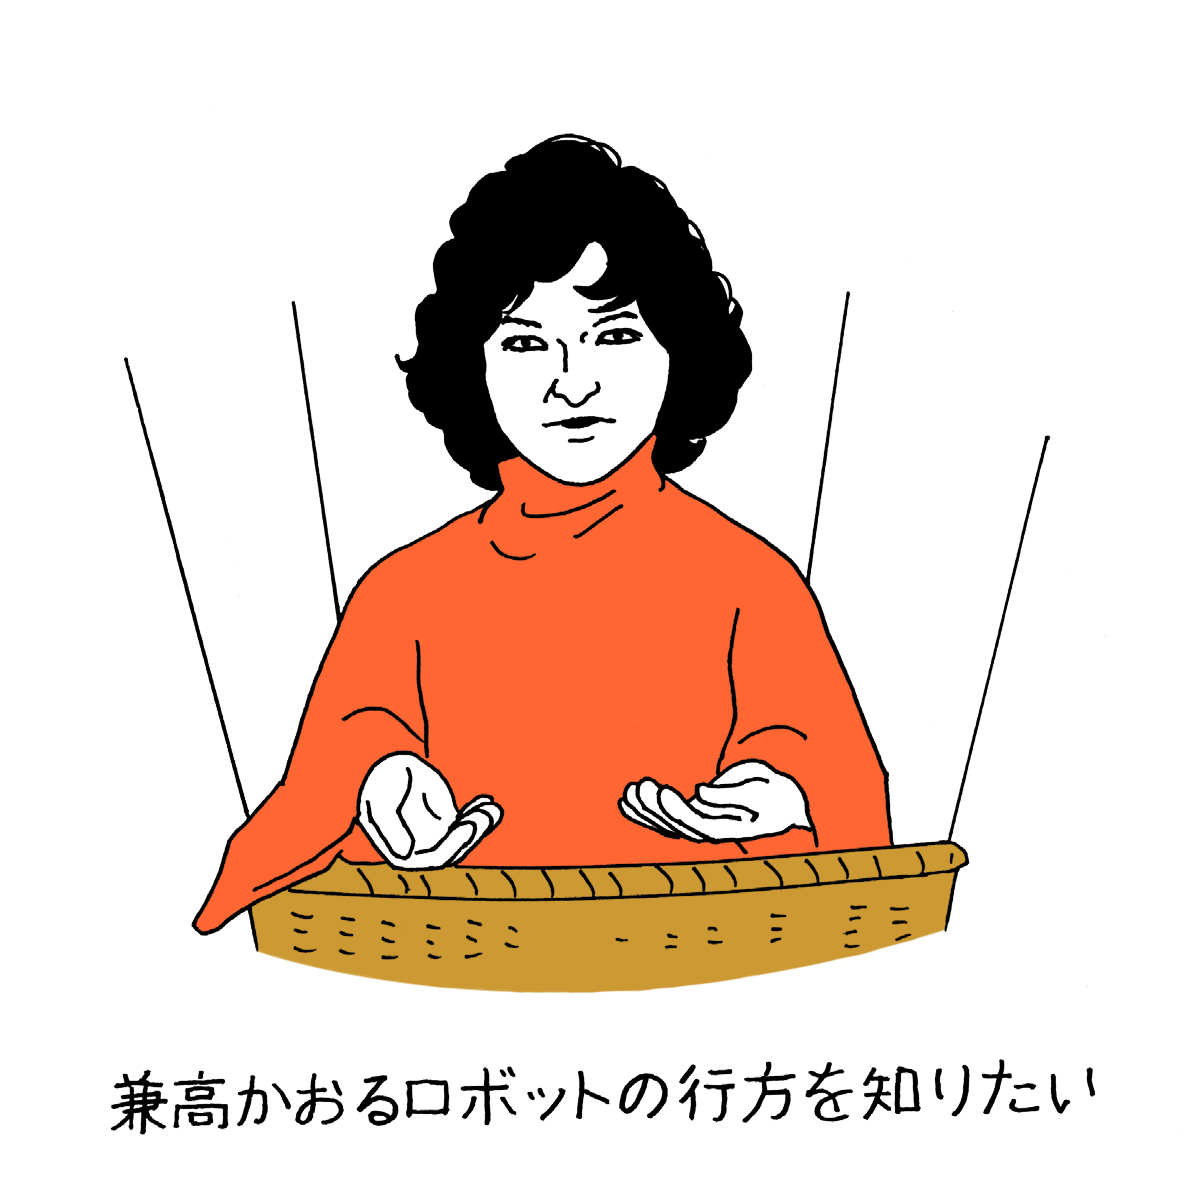 sanponotsubo-11